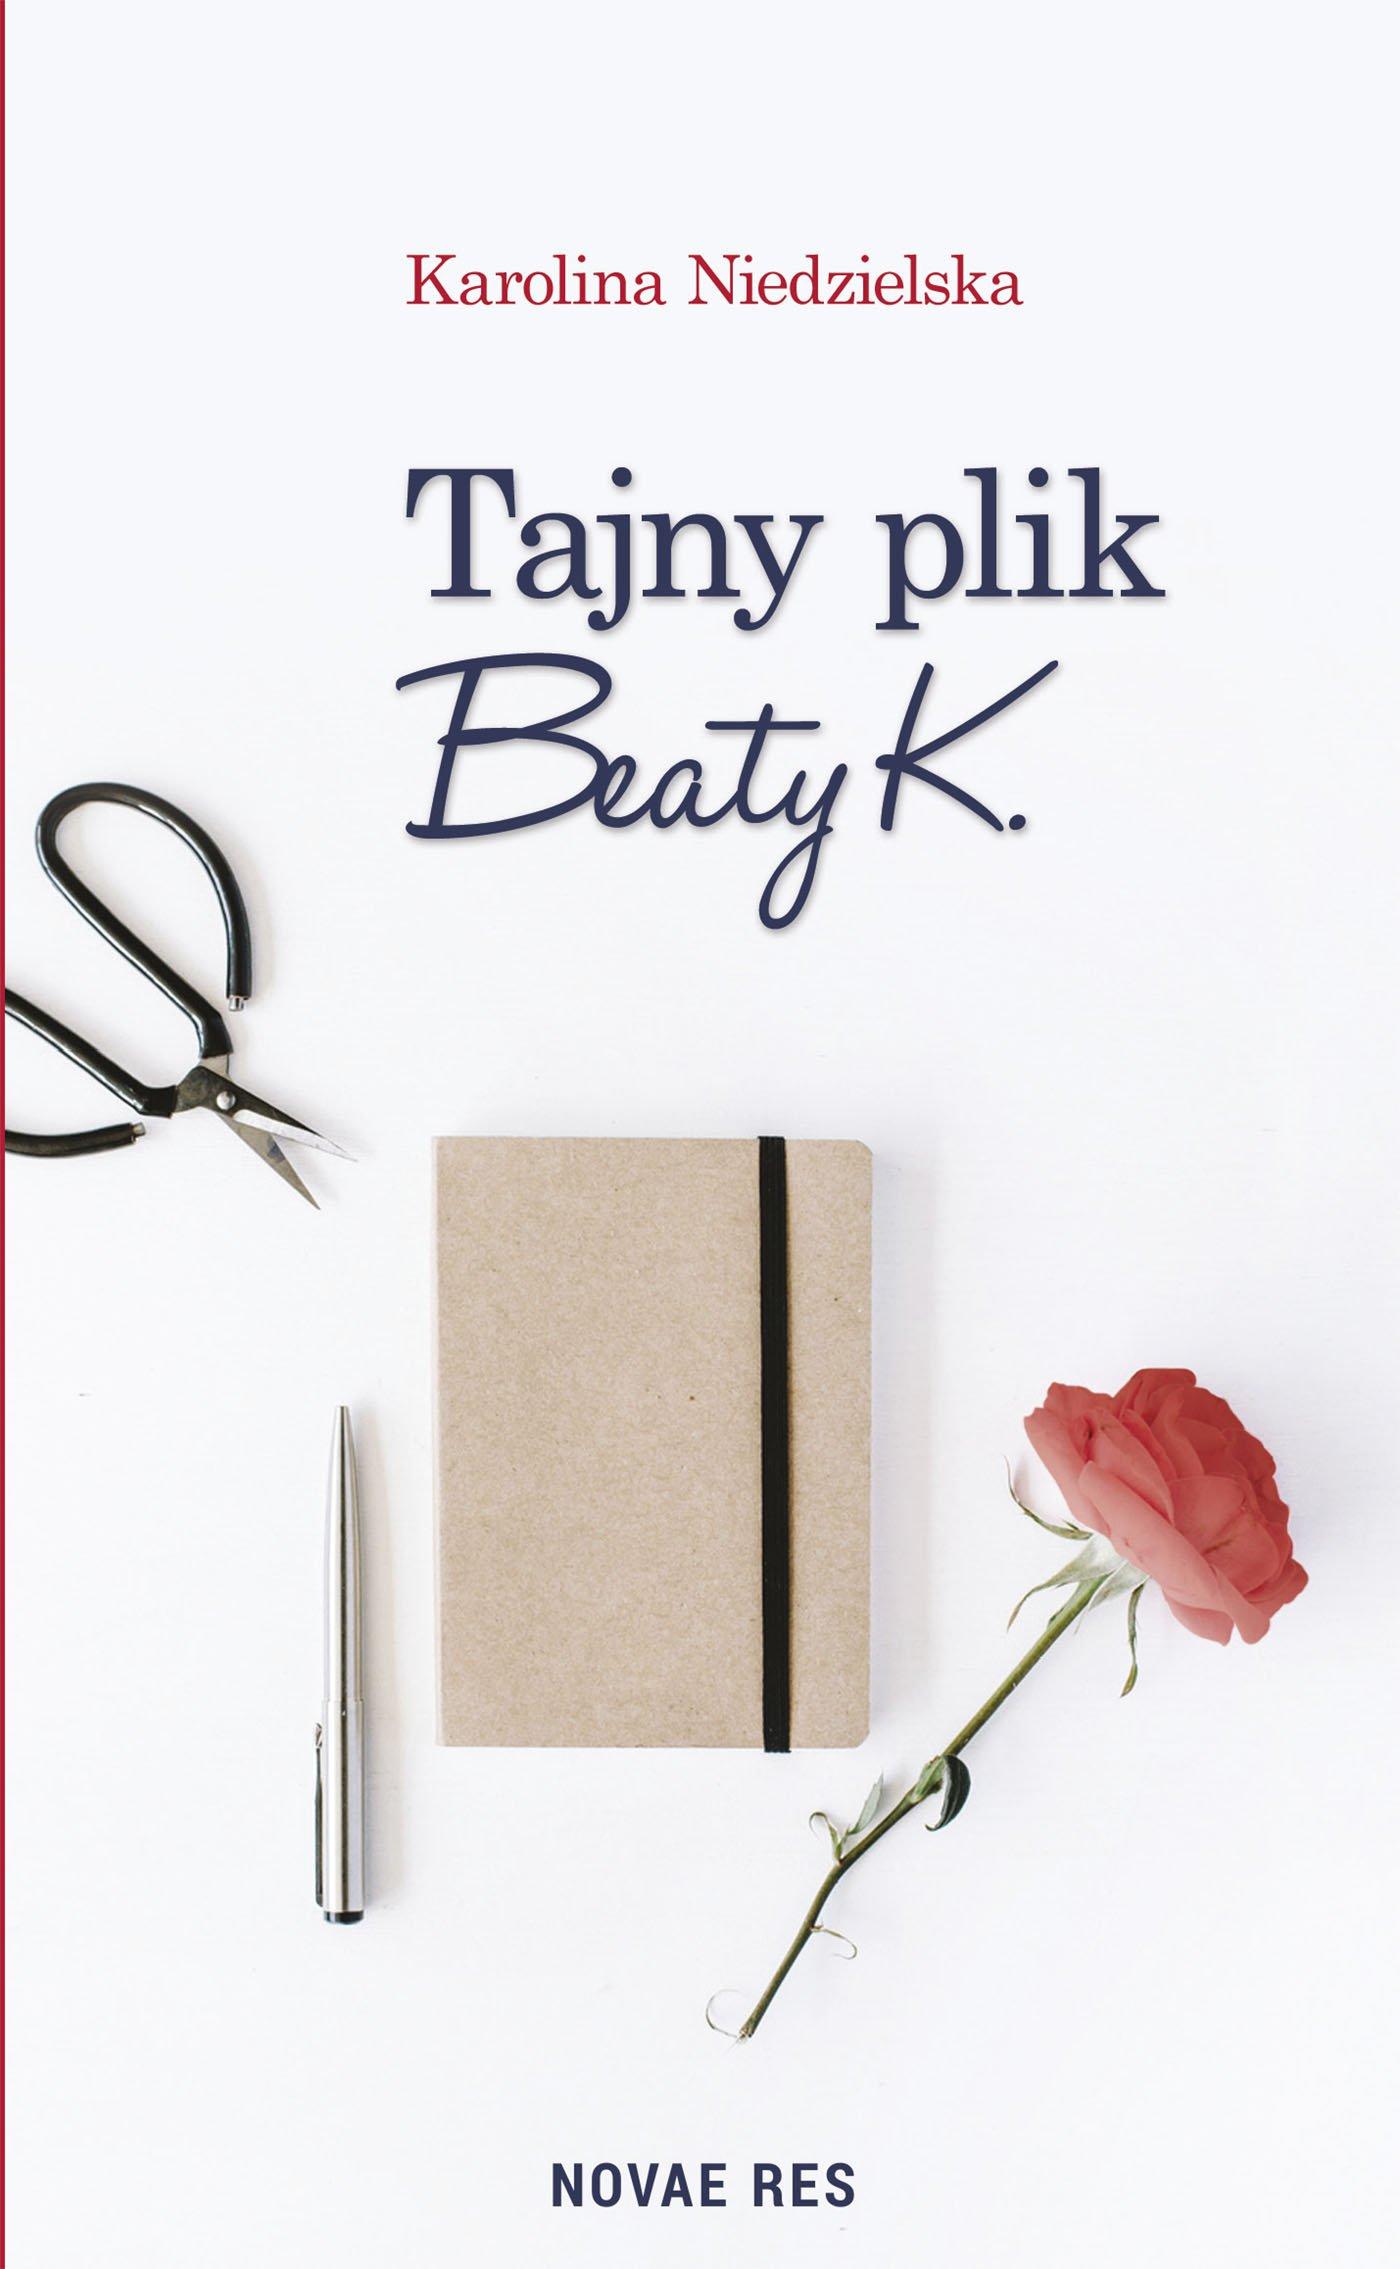 Tajny plik Beaty K. - Ebook (Książka EPUB) do pobrania w formacie EPUB